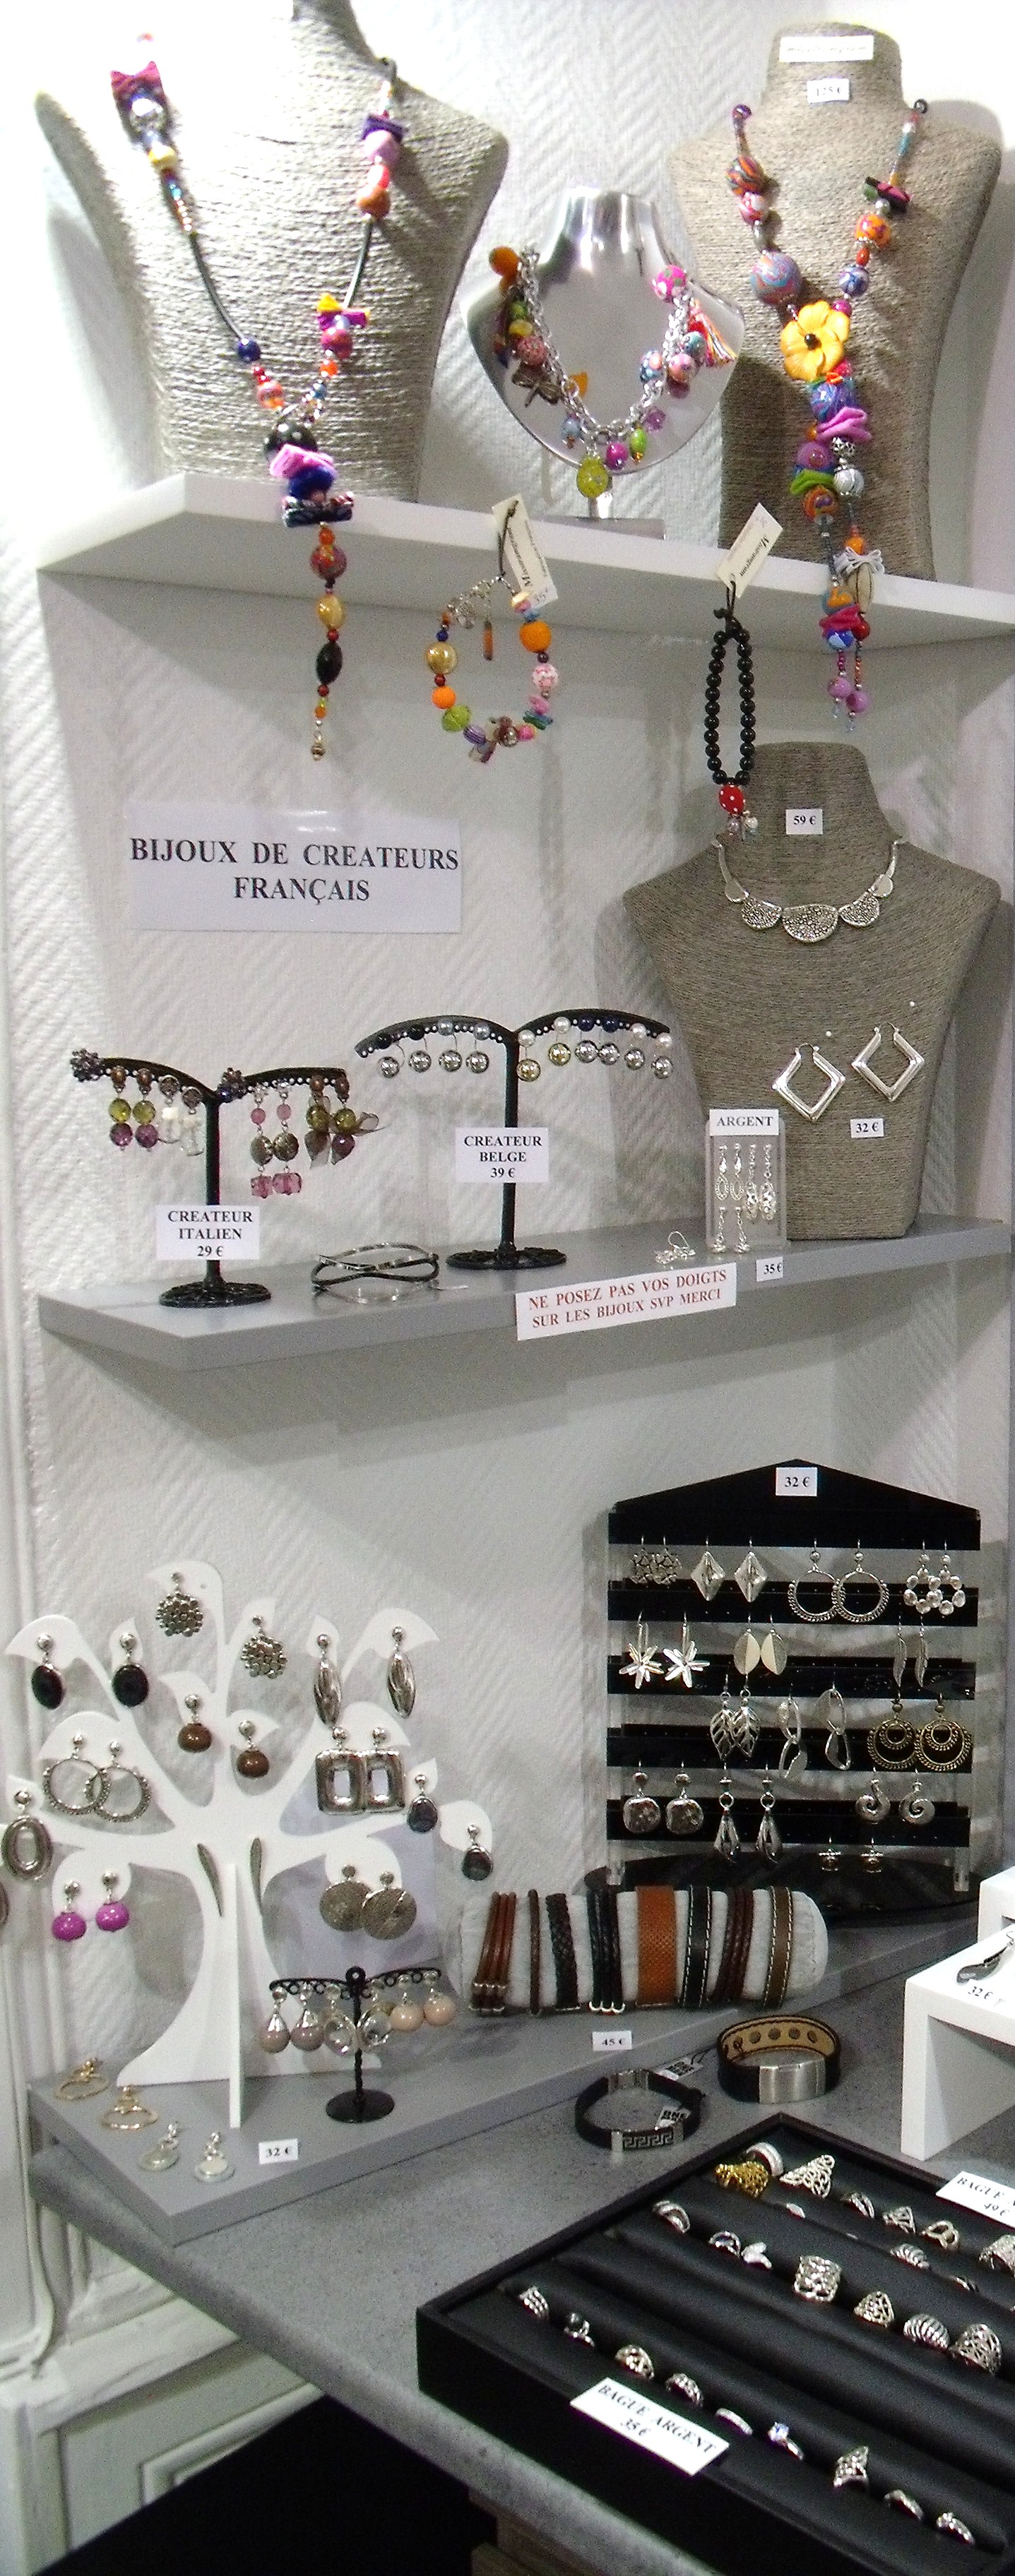 Bijoux de Créateurs